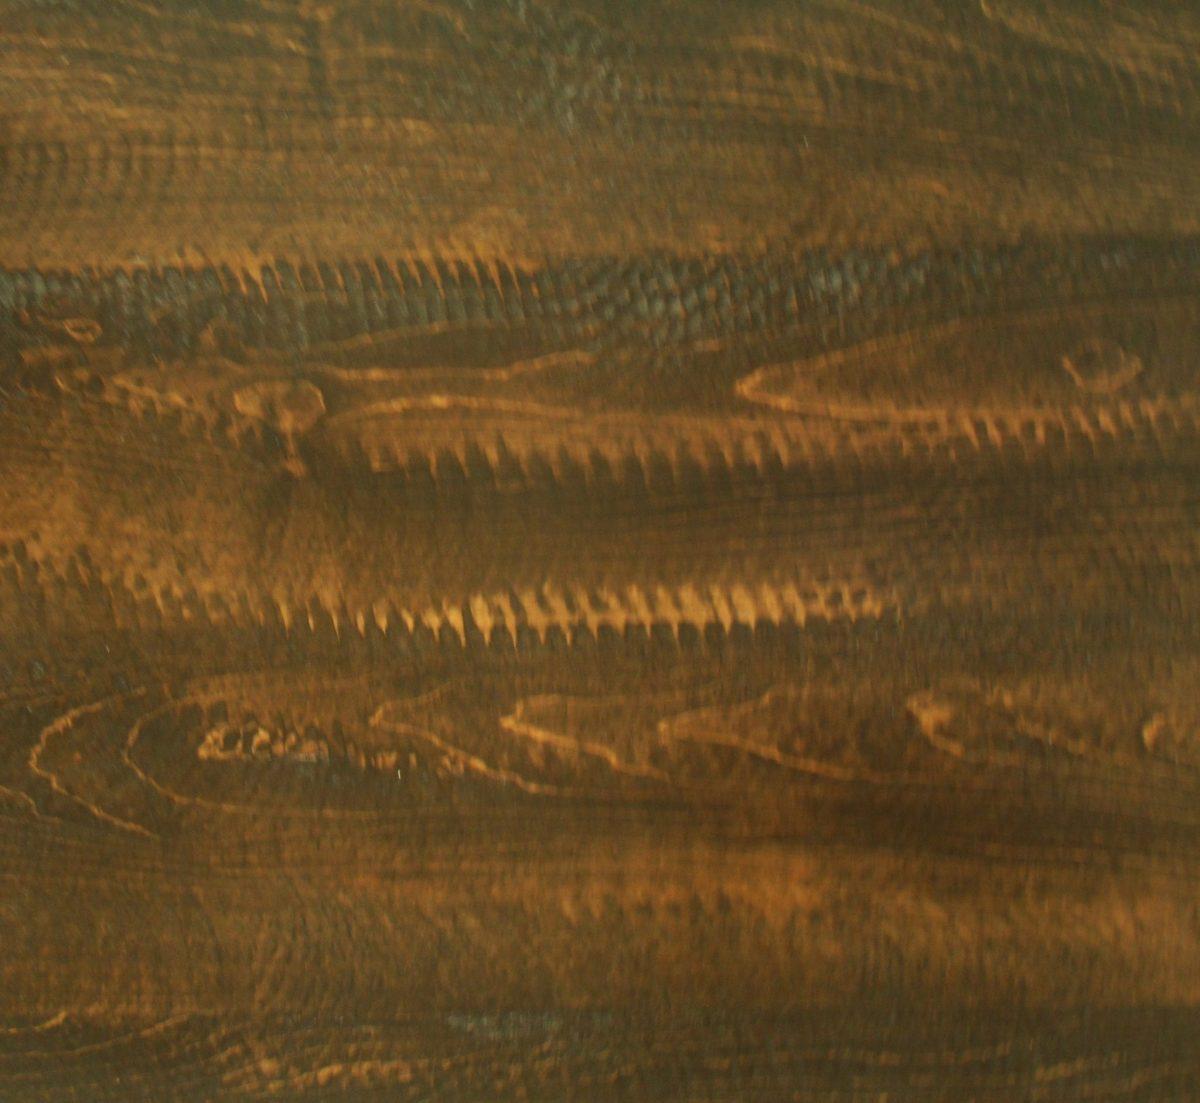 Sawmark texture